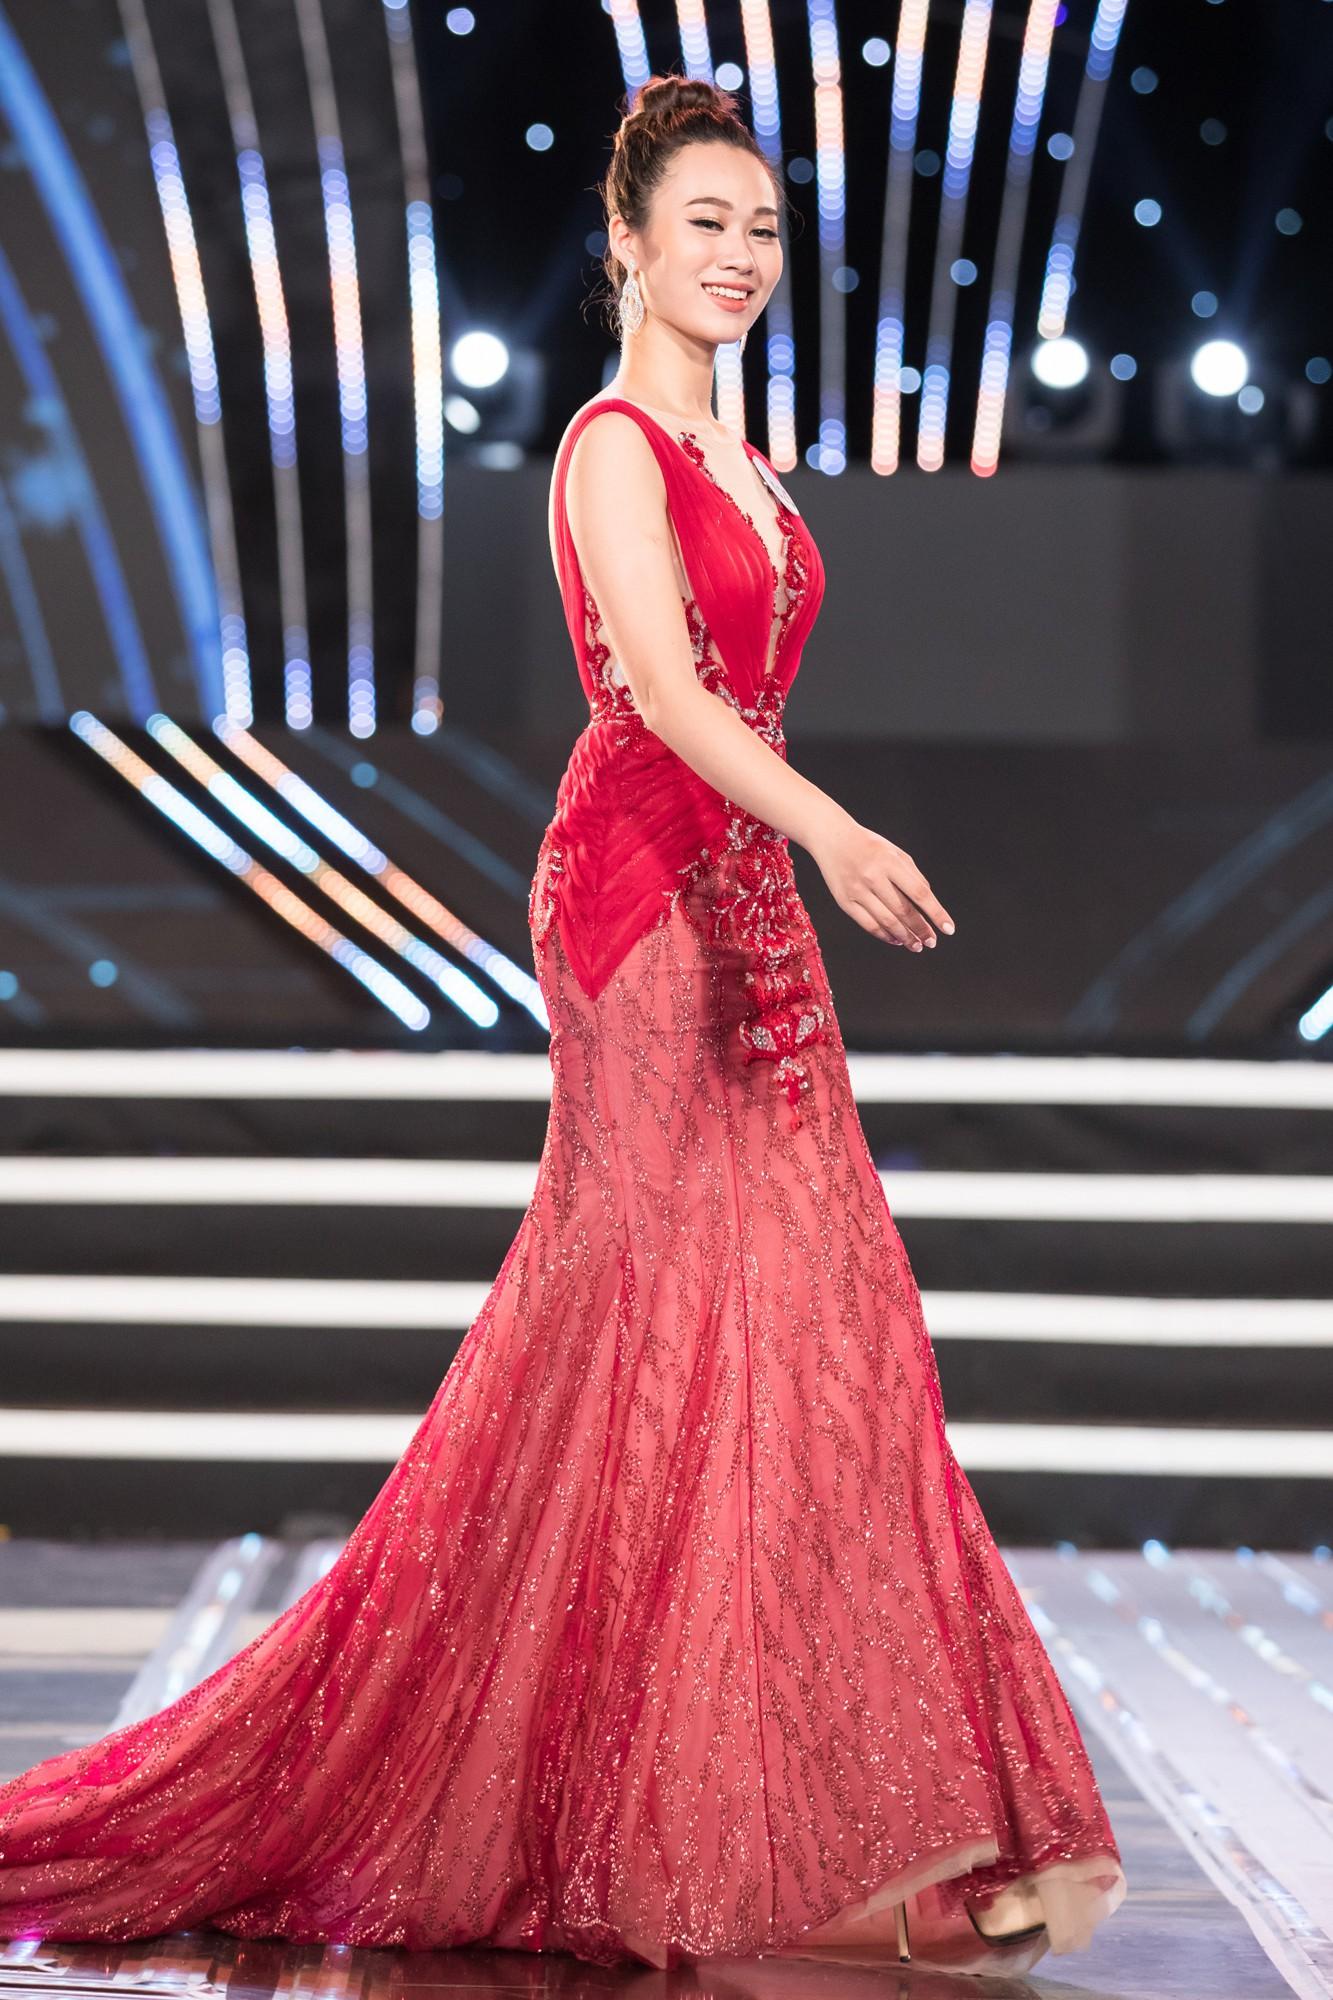 Soi nhan sắc 20 cô gái phía Bắc vừa lọt Chung kết Miss World VN: Thí sinh mặt đẹp nhất lại lộ vóc dáng đô con, thiếu đường cong-13